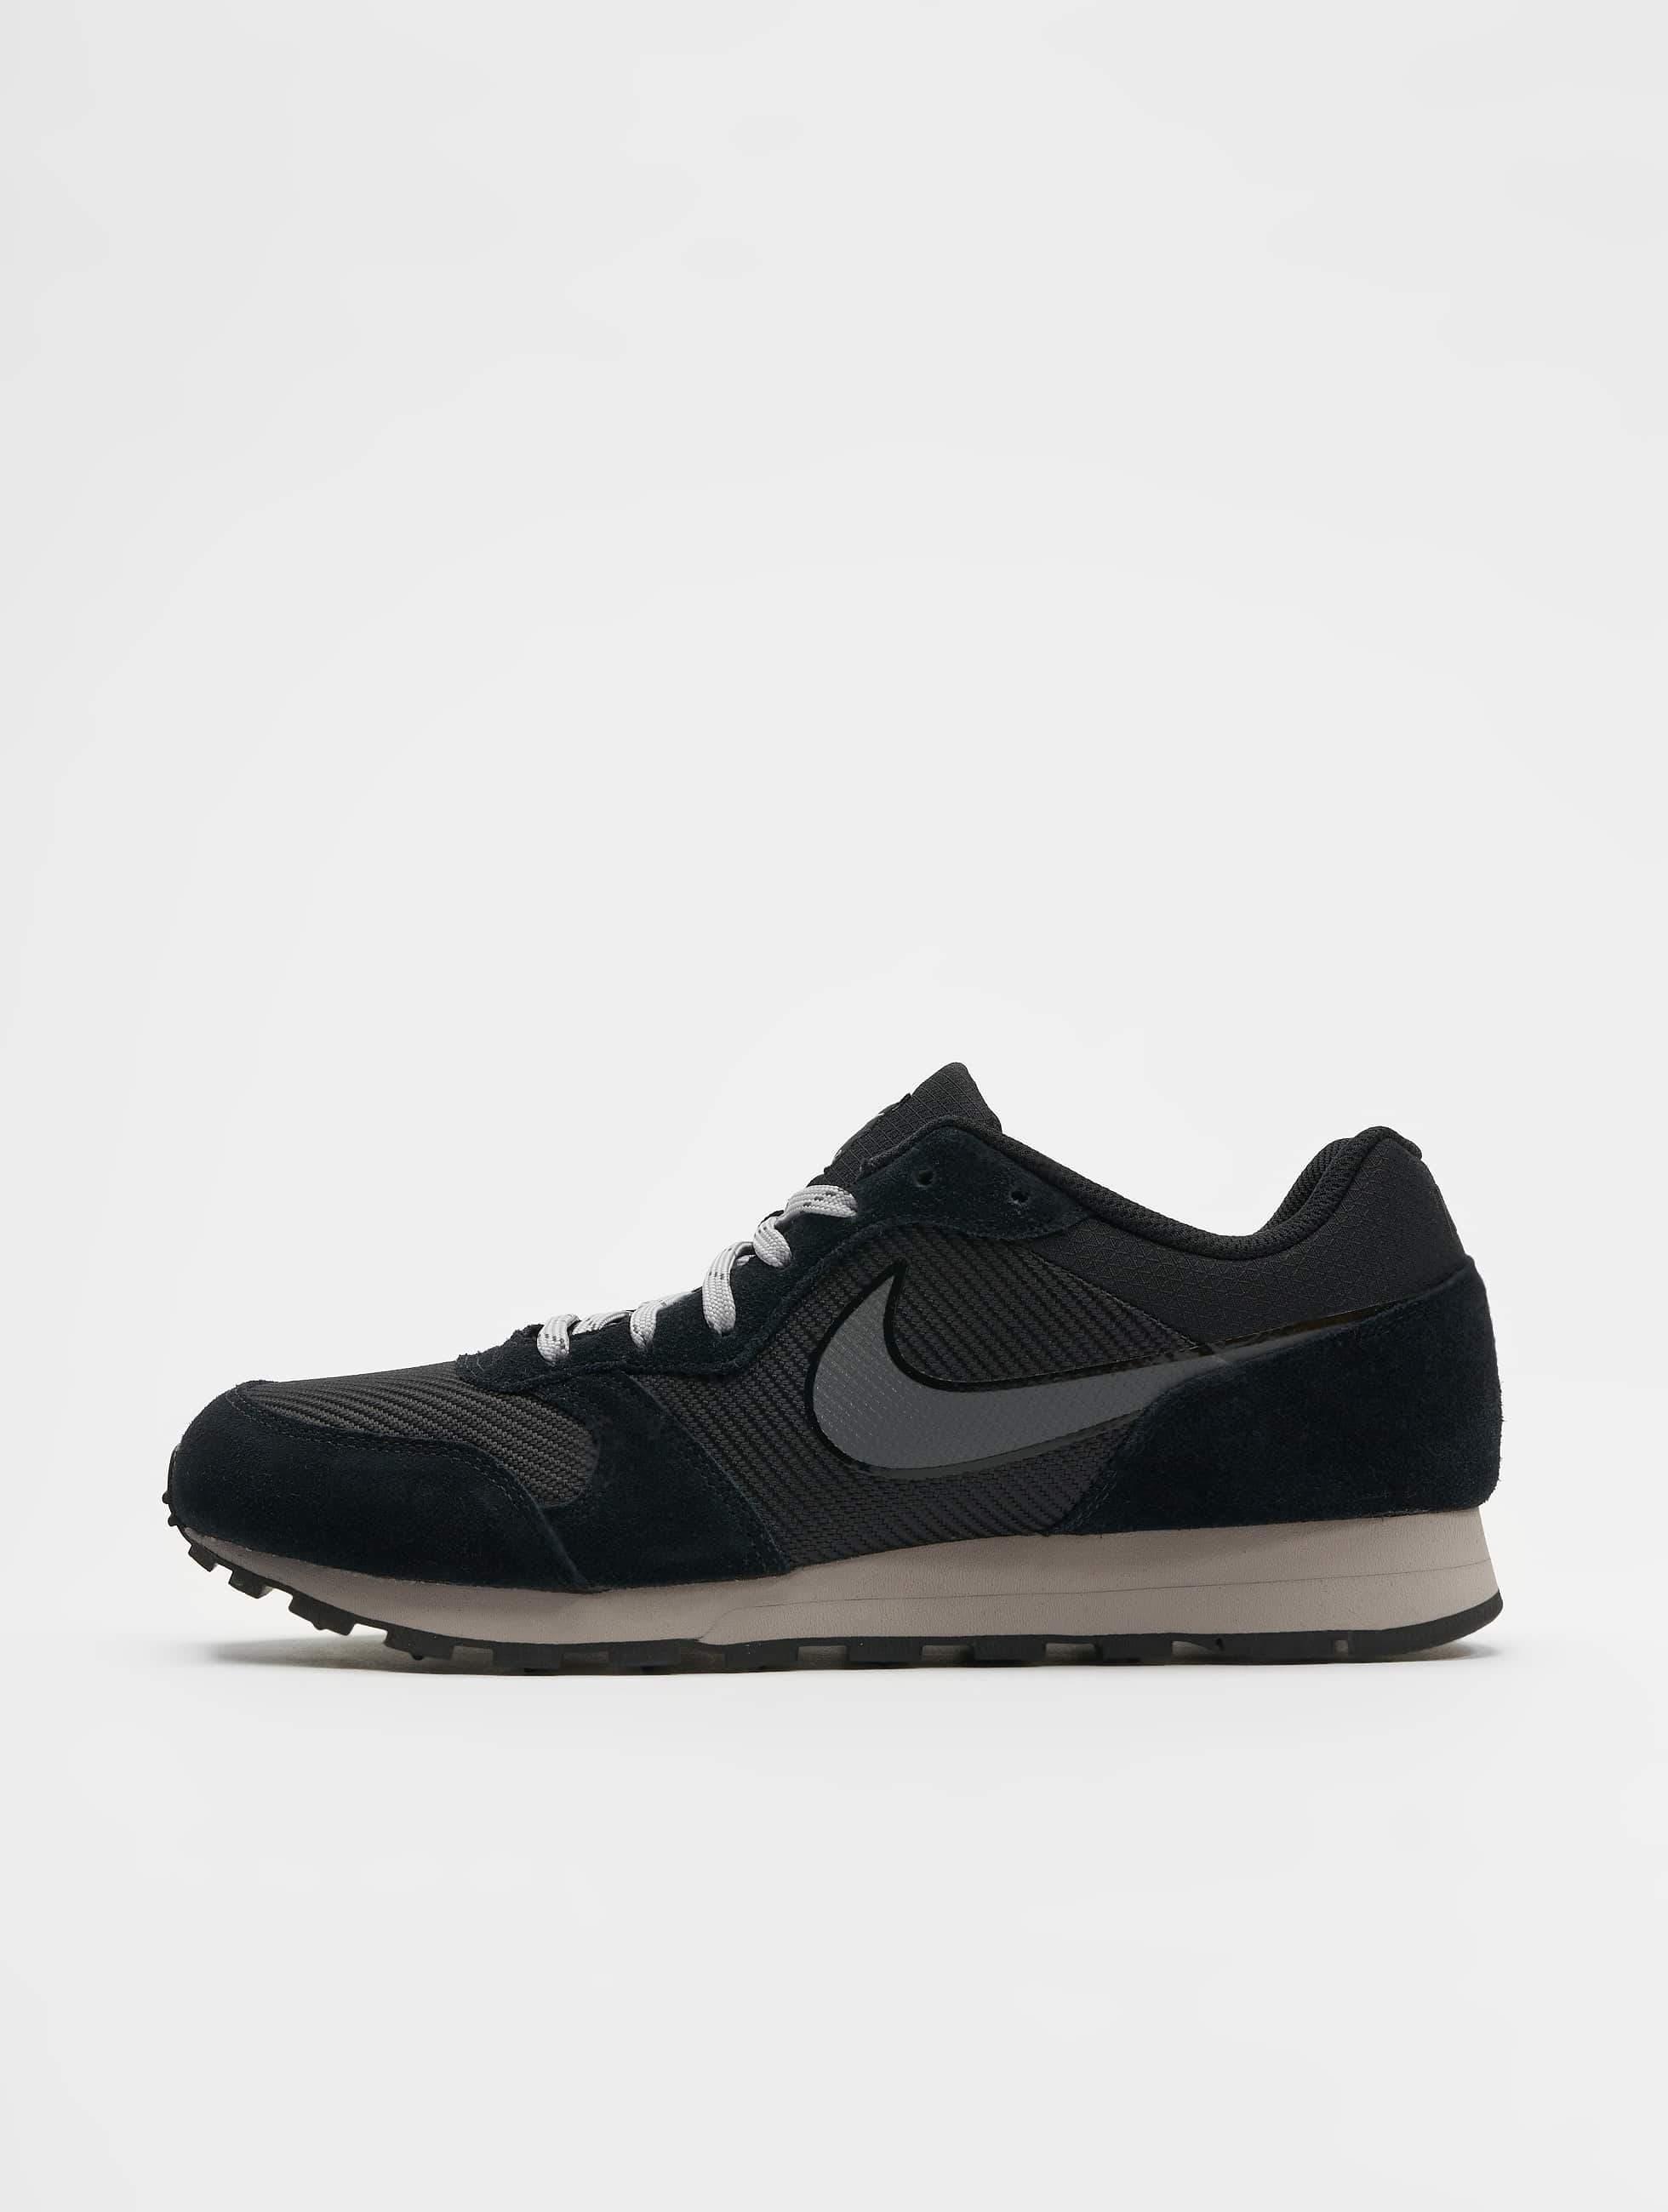 9d36dd8998e Nike schoen / sneaker Md Runner 2 Se in zwart 539713